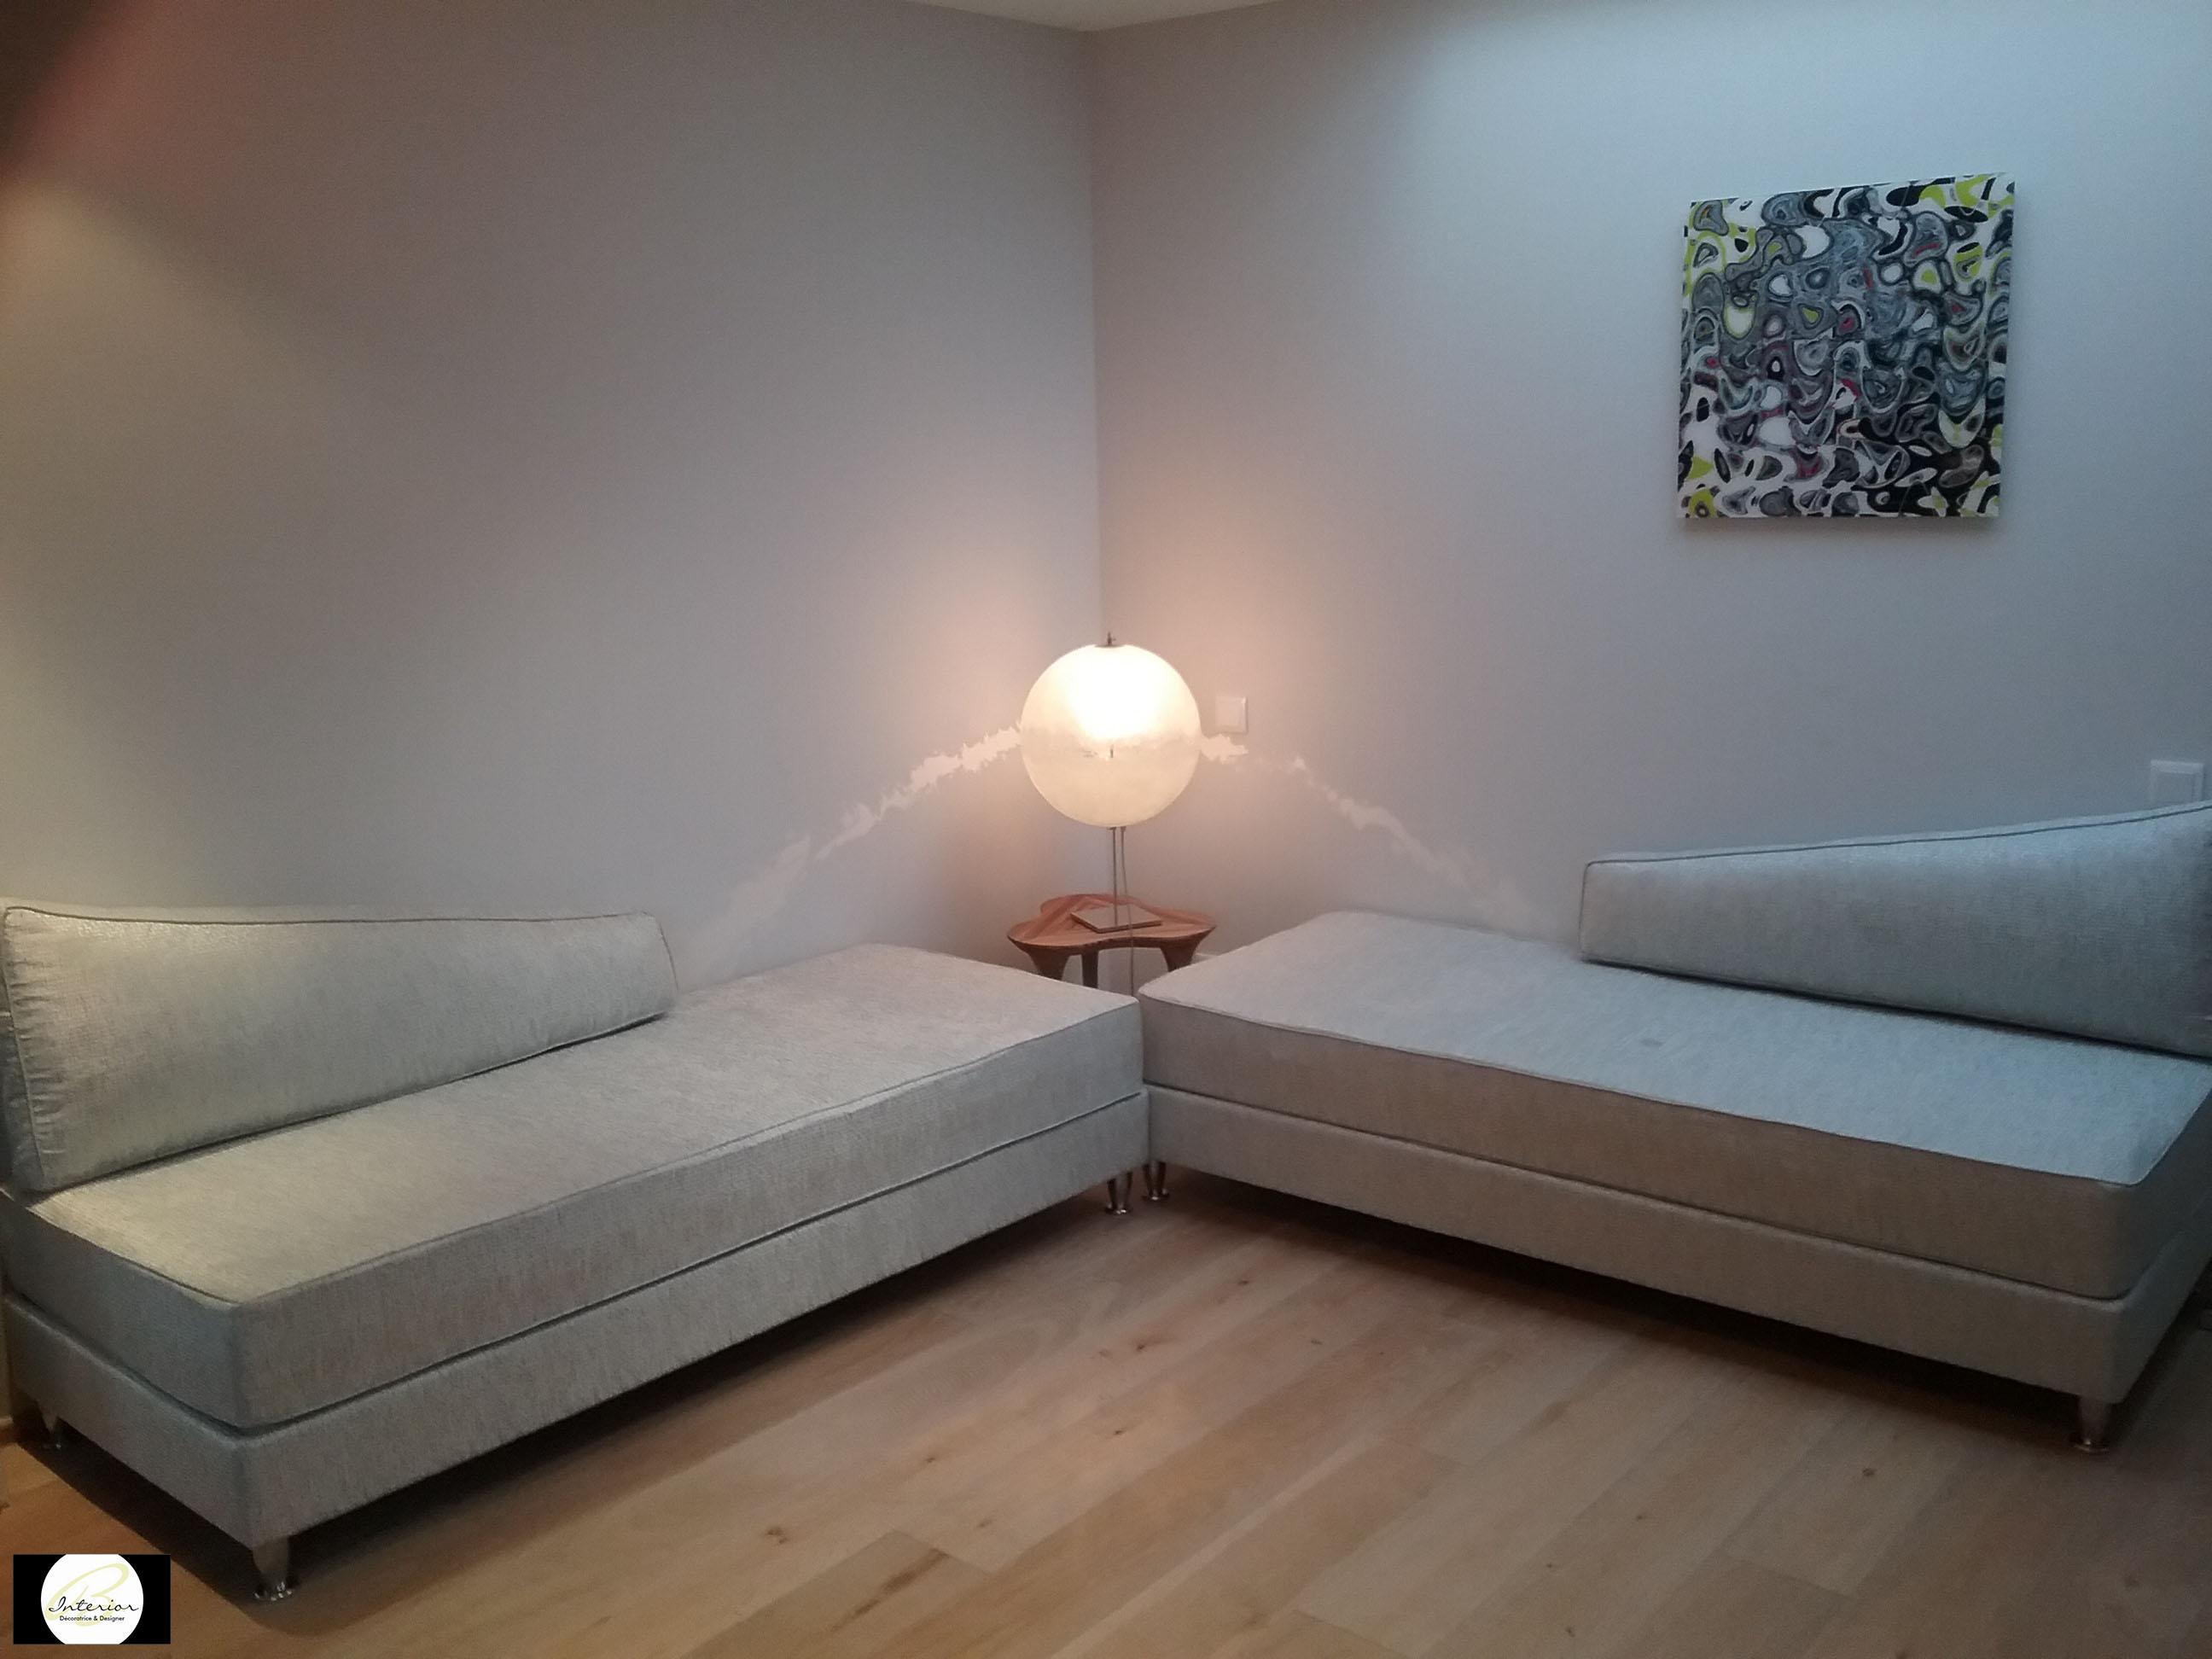 Espace salon/chambre d'amis après